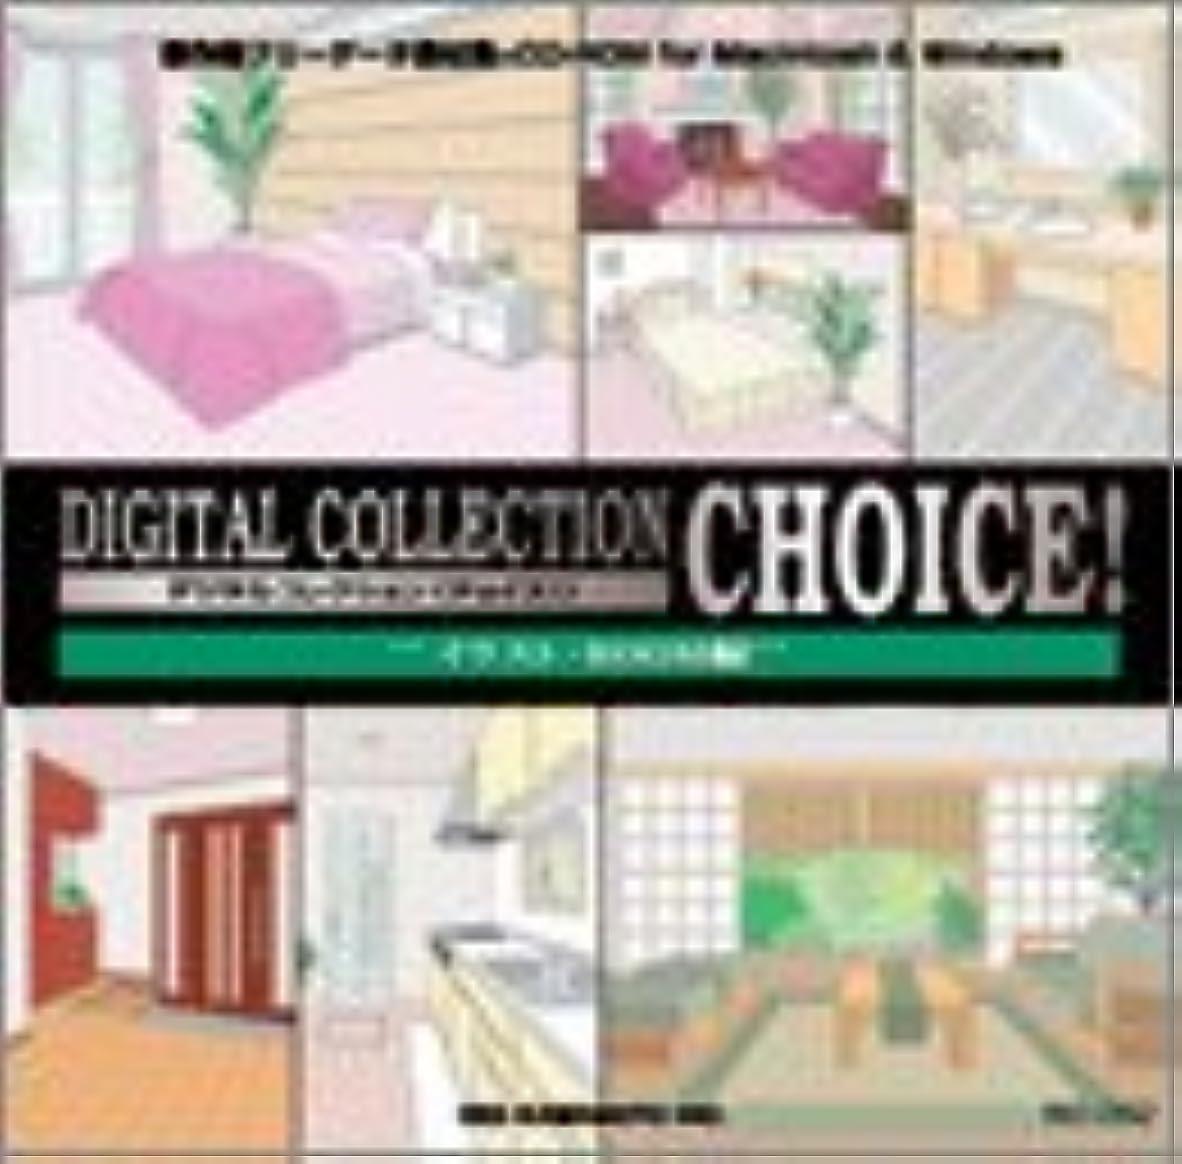 生偉業田舎者Digital Collection Choice! イラスト?ROOM編